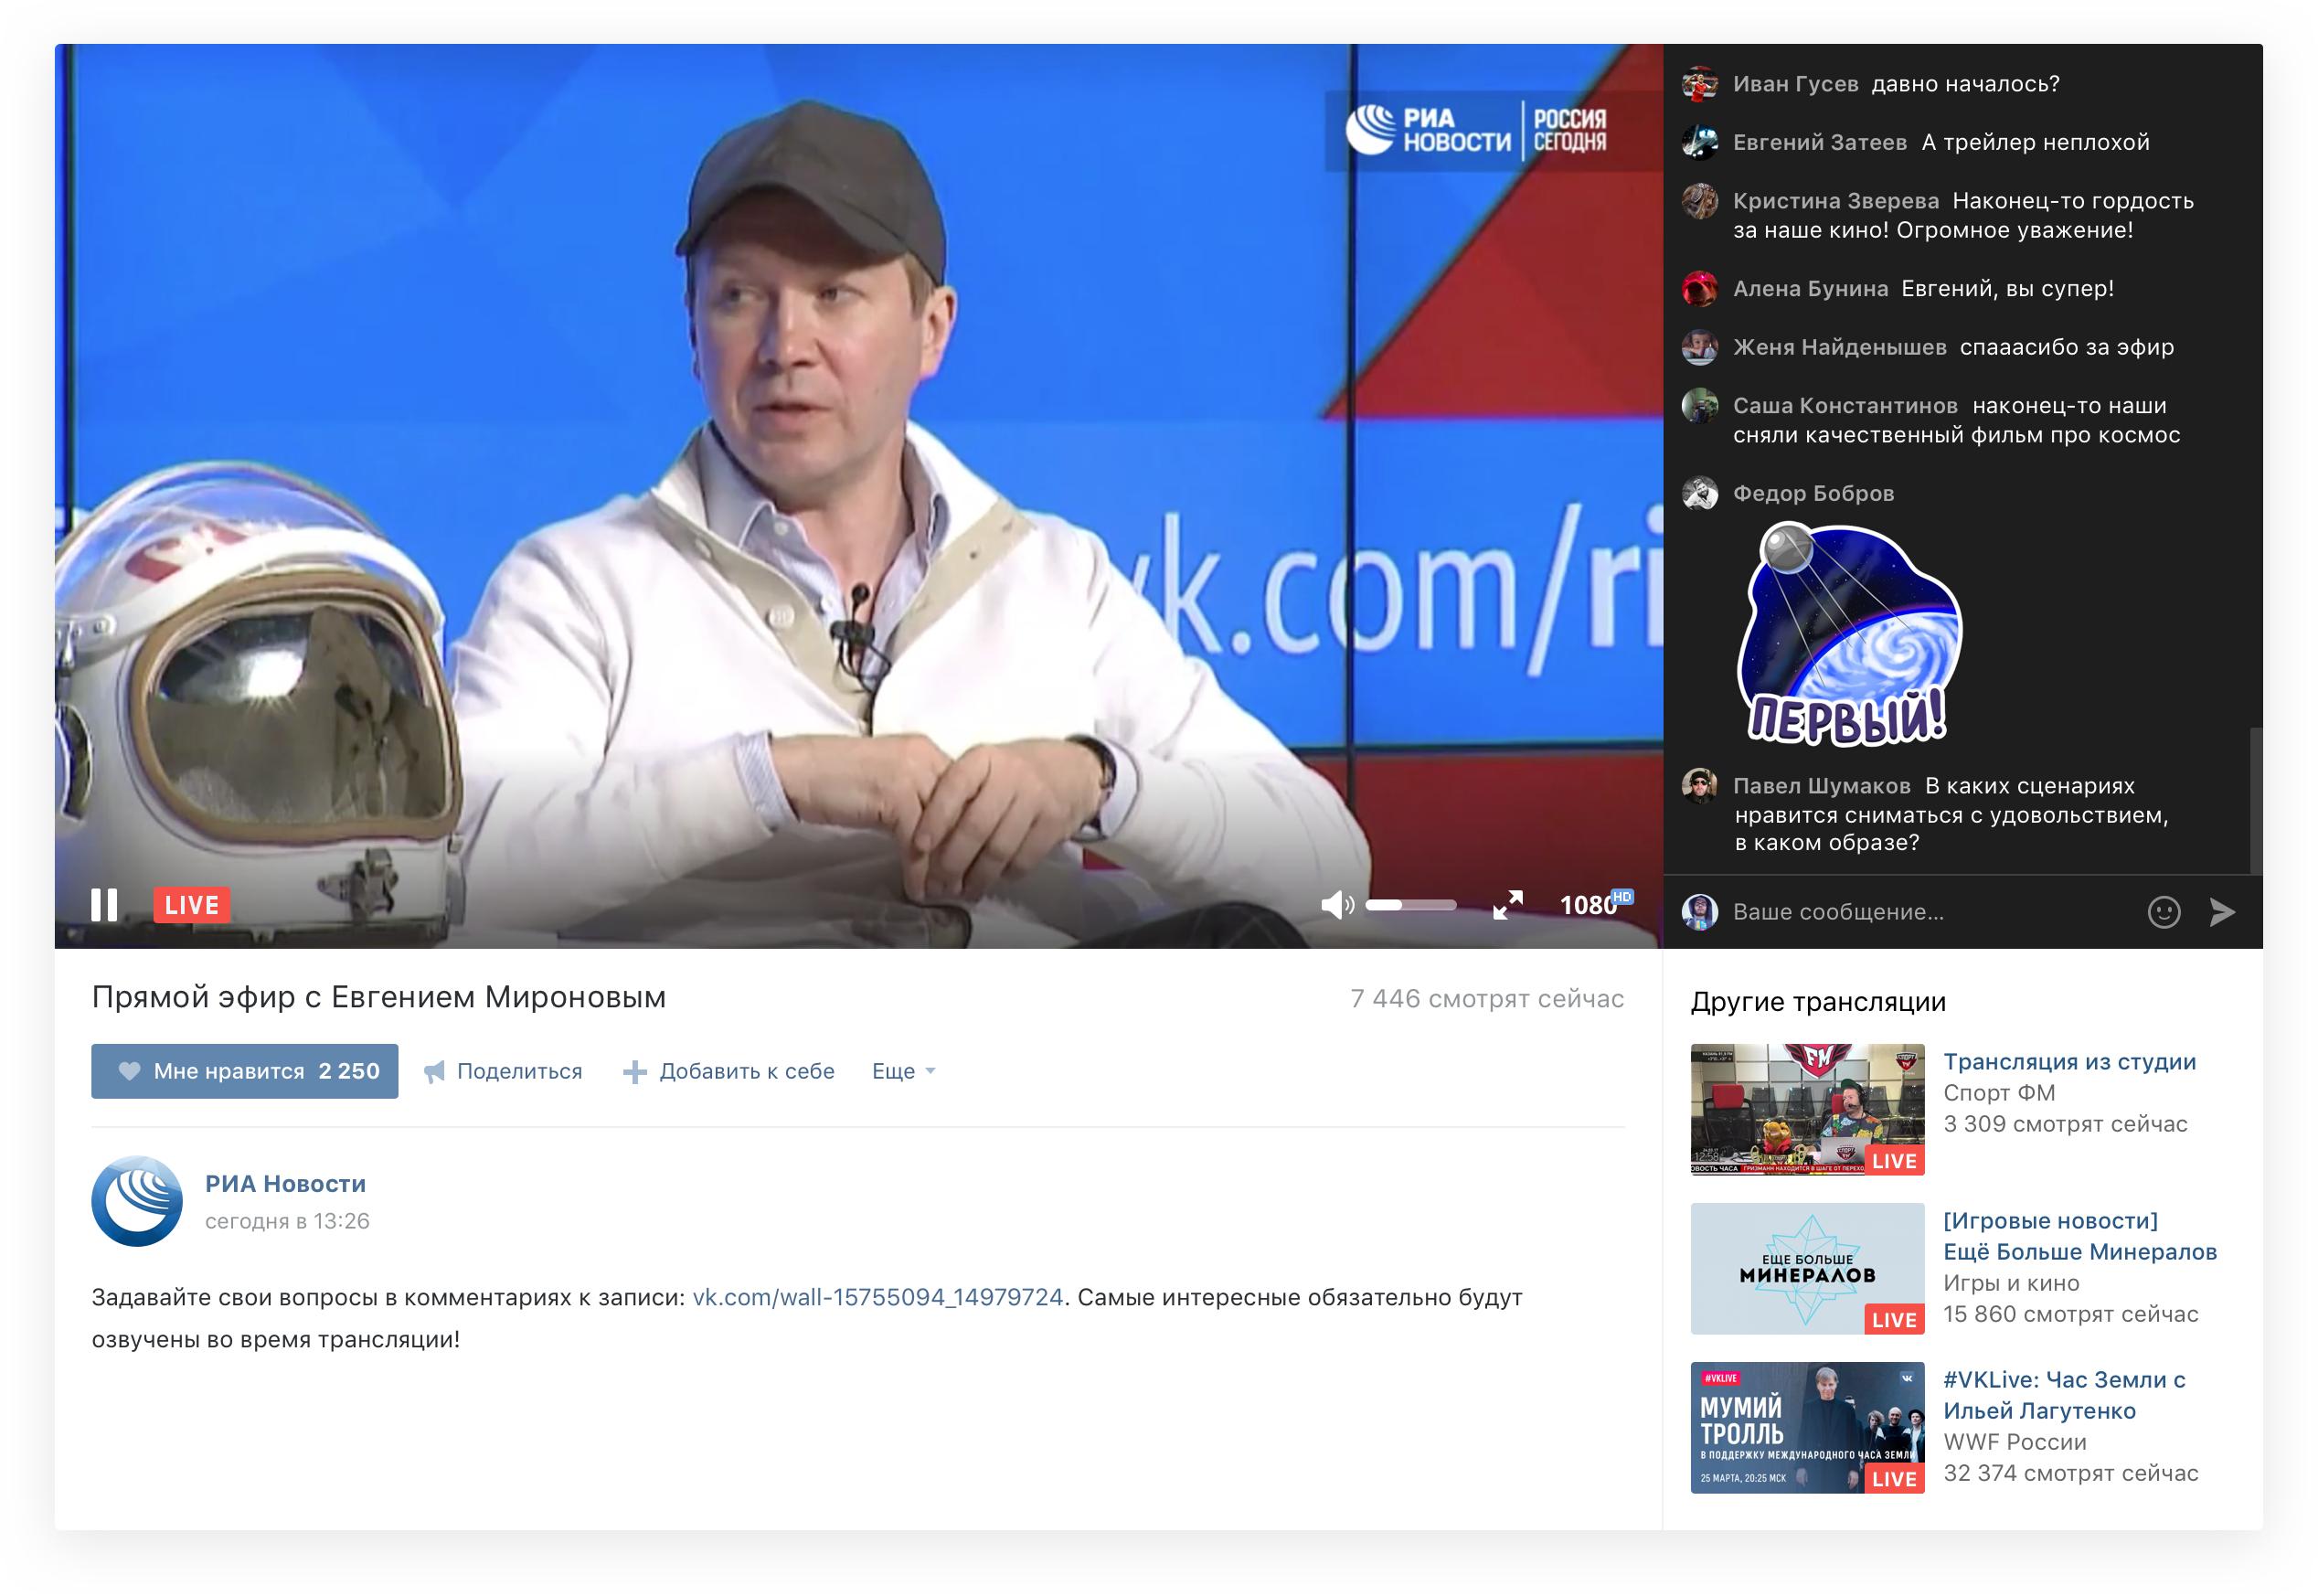 «Вконтакте» запустил сервис прямых видеотрансляции для всех пользователей